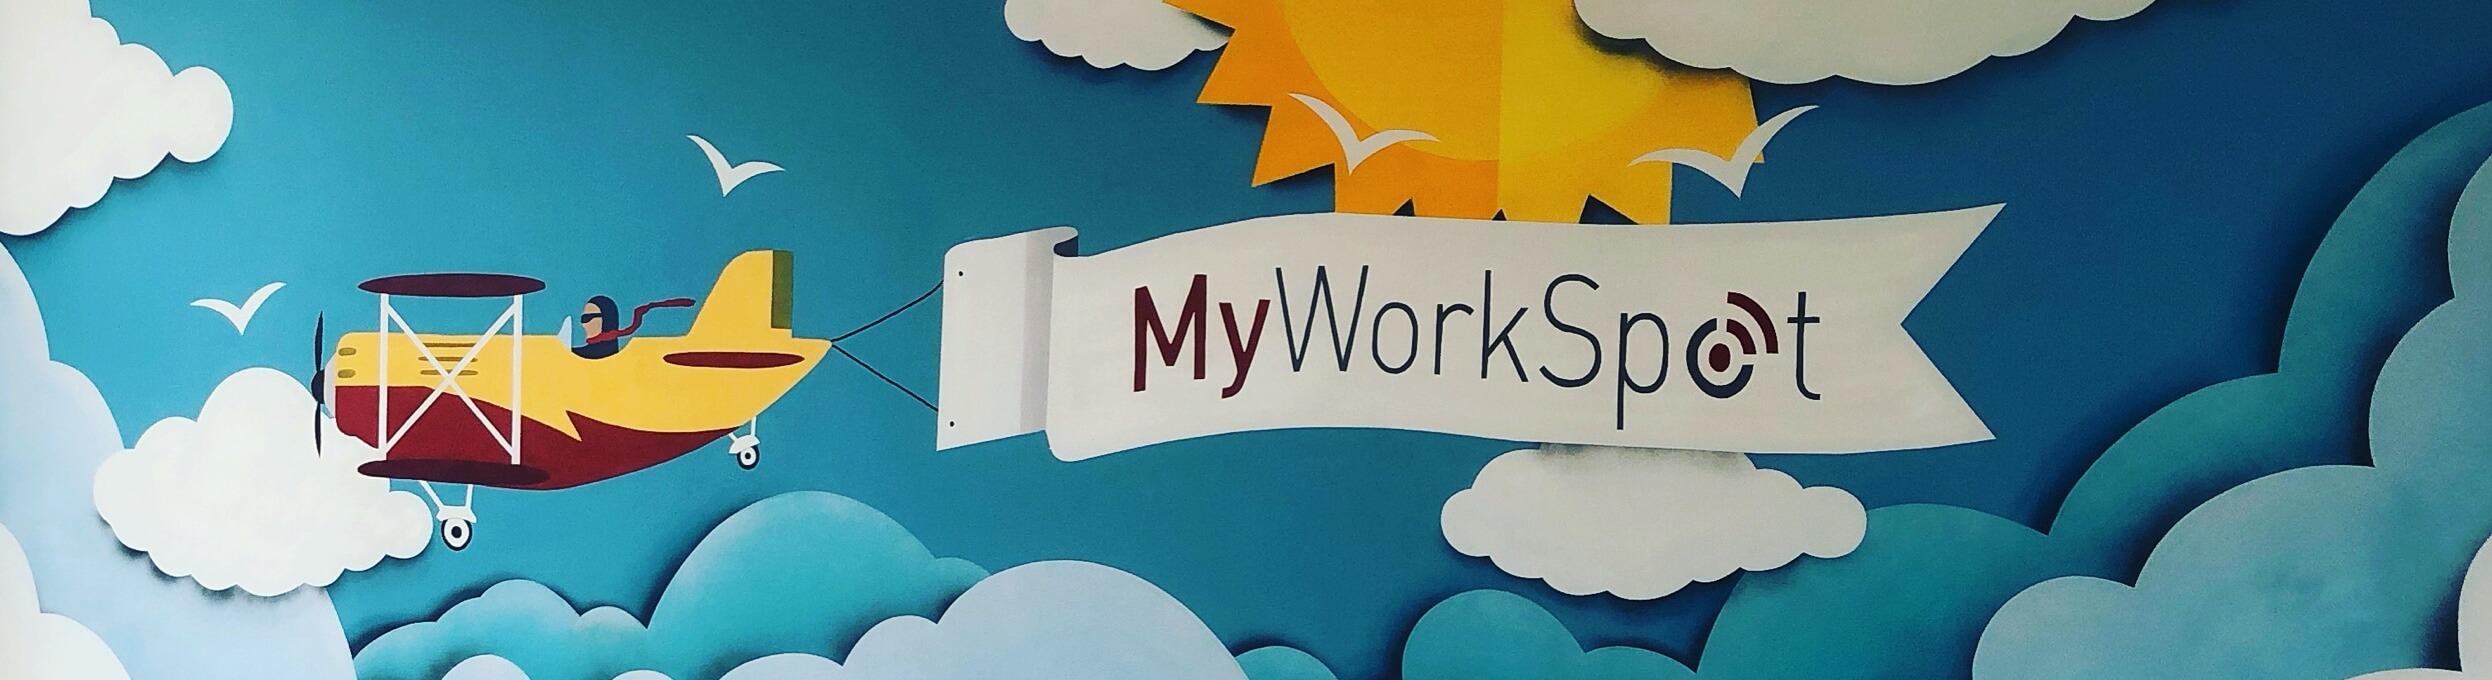 MyWorkSpot banner 1